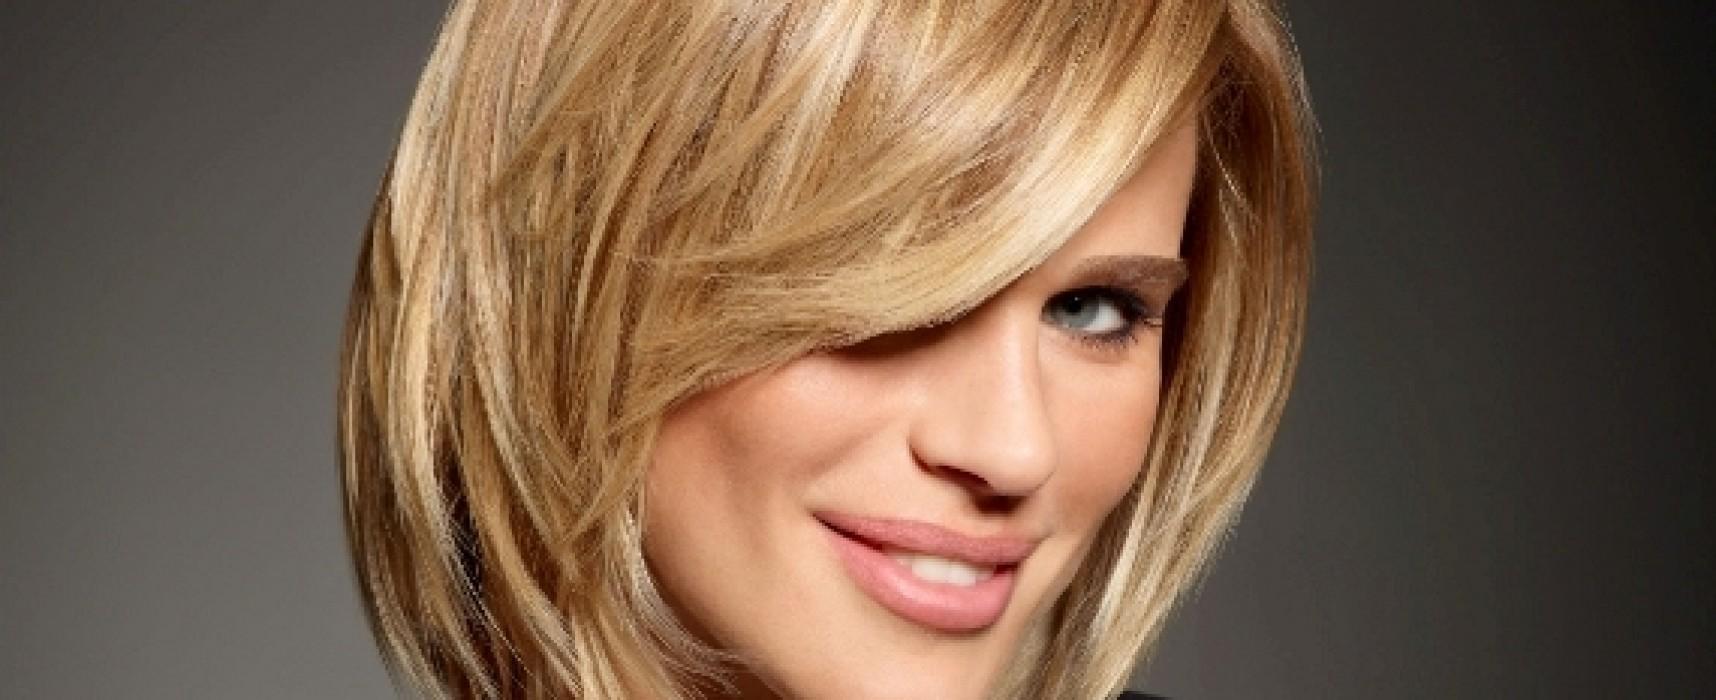 Прическа на густые волосы средней длины фото